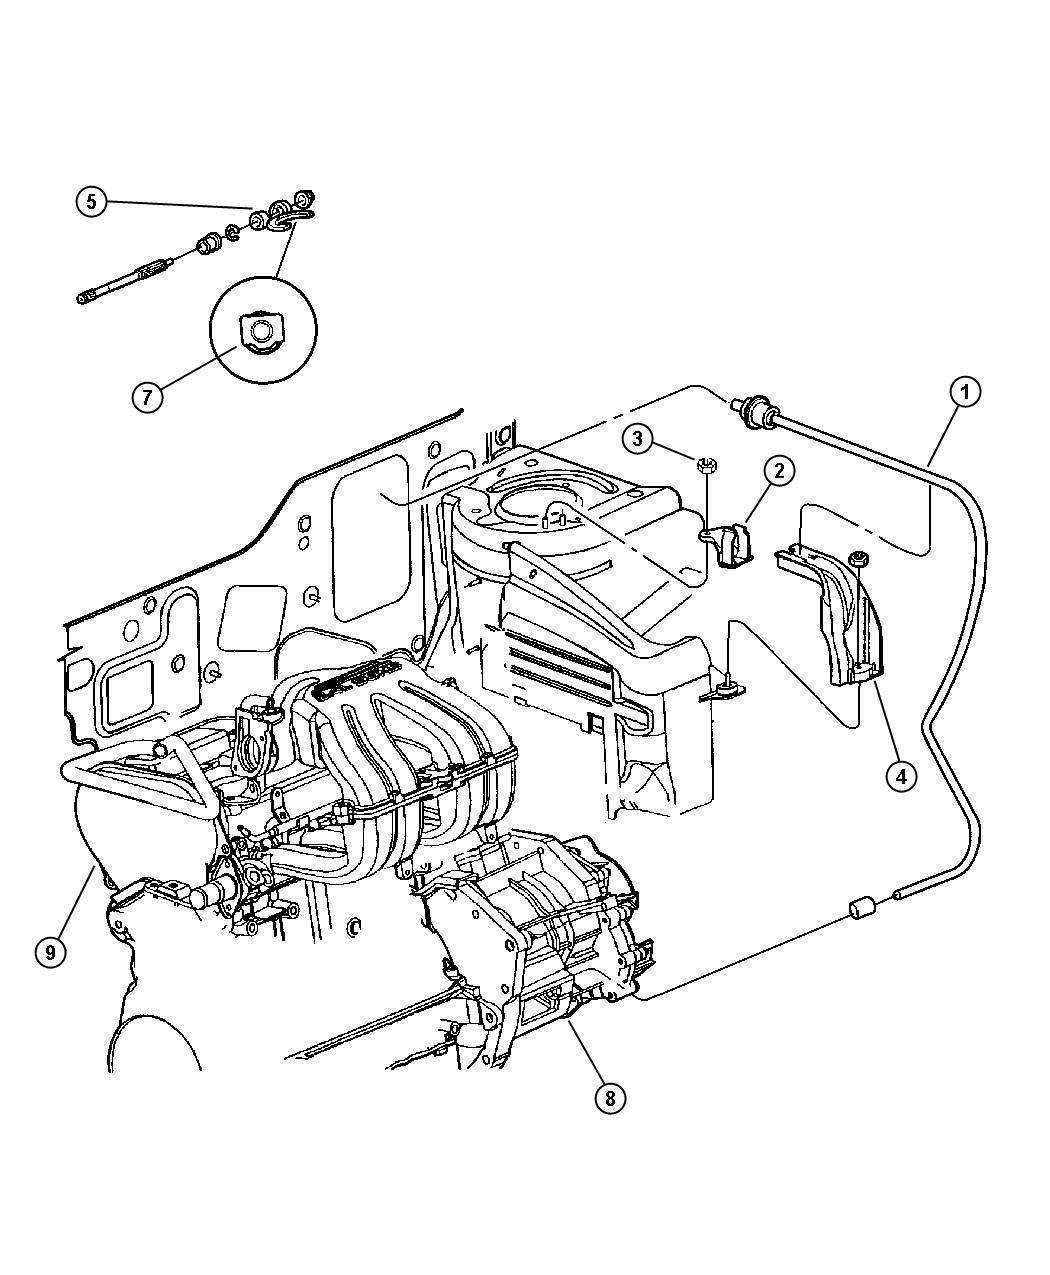 wiring diagram 76 jeep cj7  jeep  auto wiring diagram